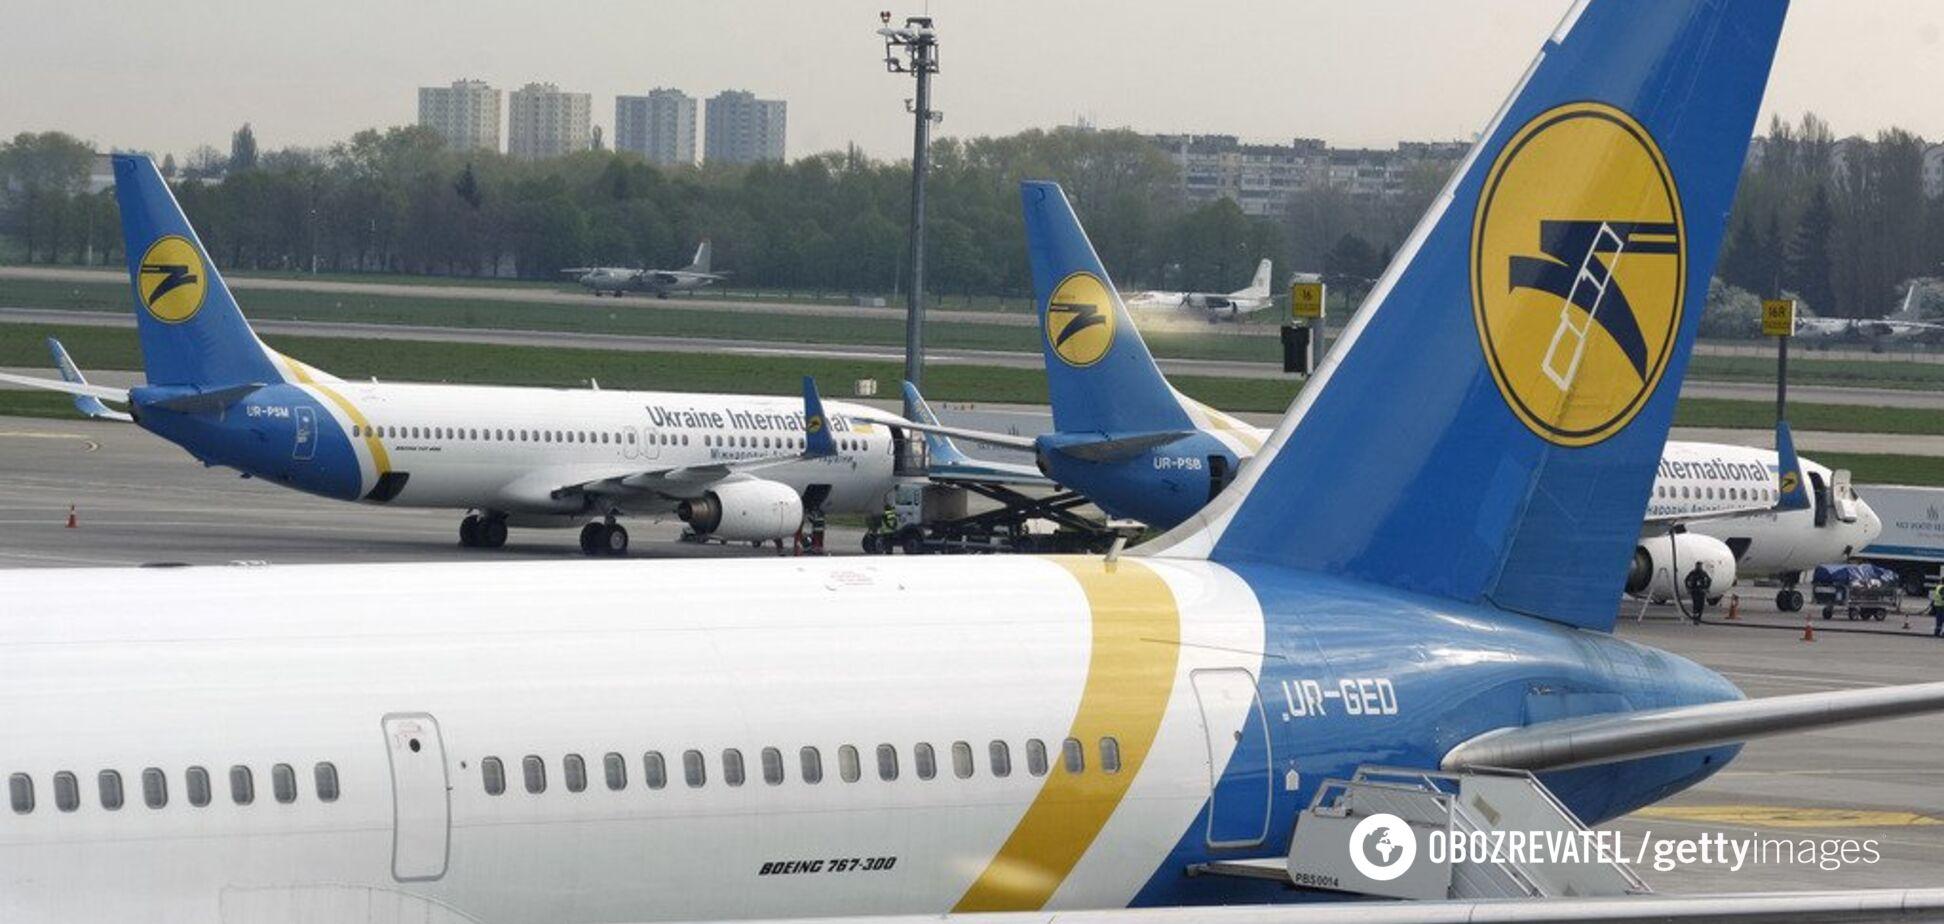 'Це протиправно!' В Україні спалахнув скандал з екс-міністром і МАУ